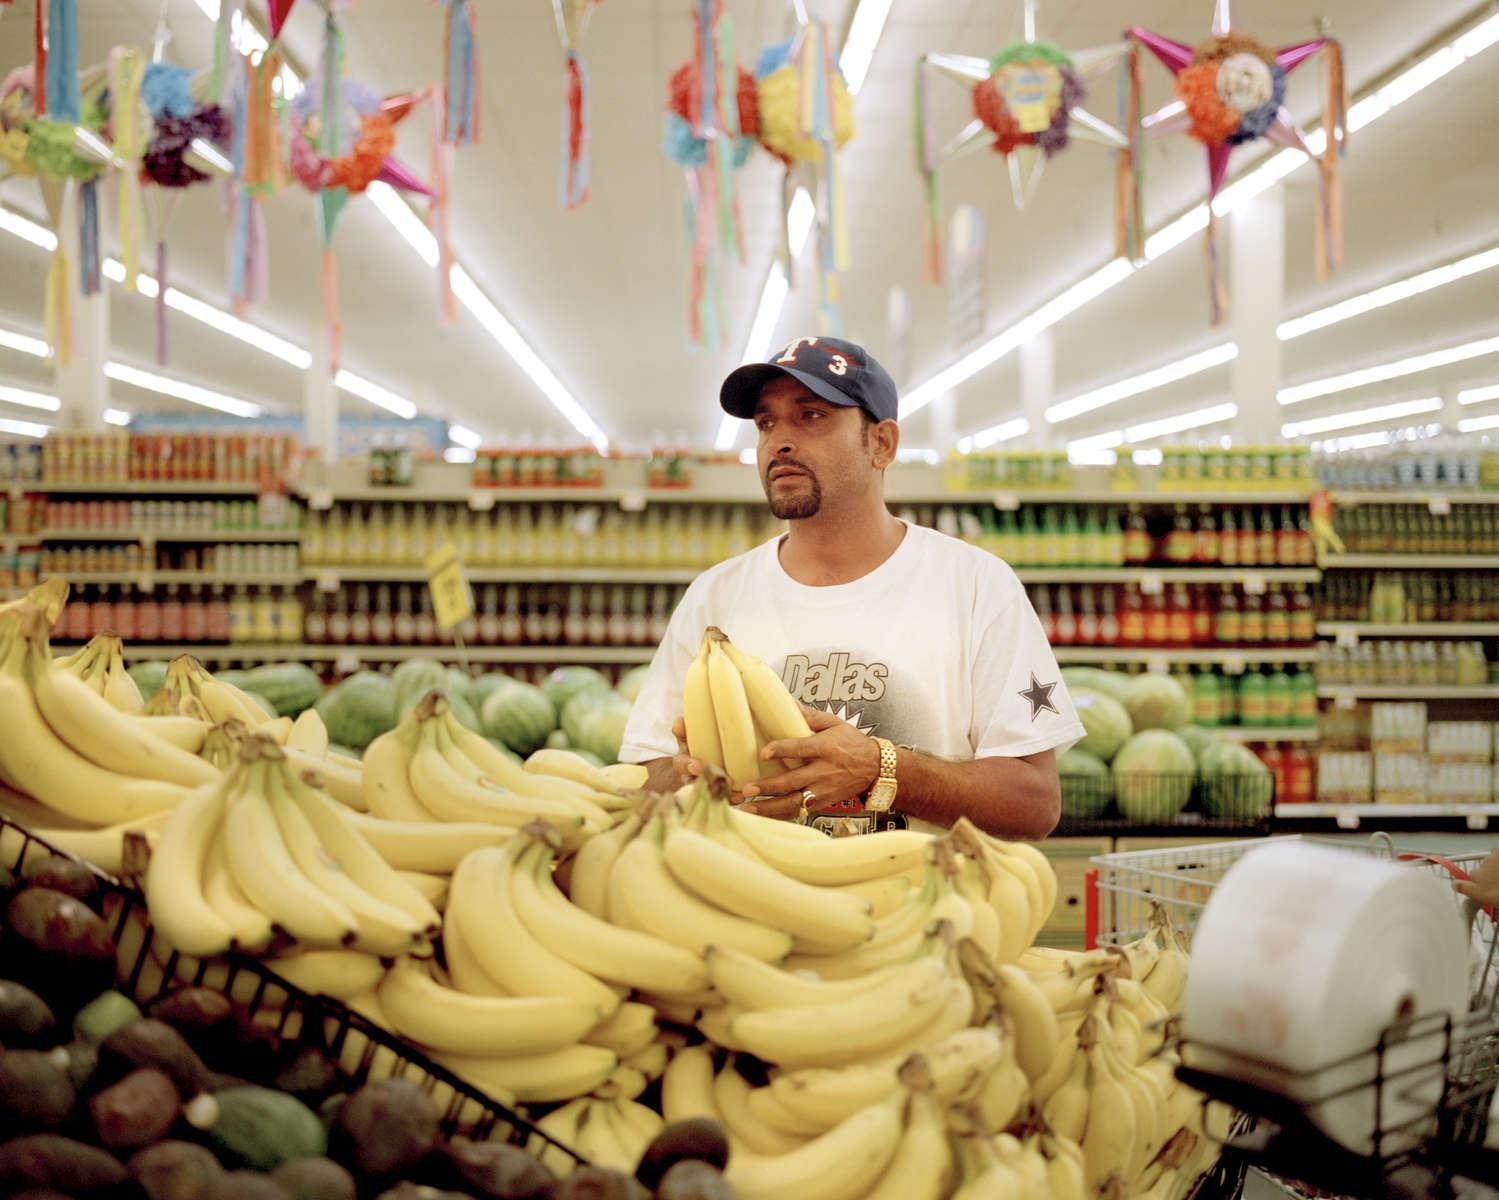 Ici, on trouve de tout, mais à quoi bon si on a pas d'argent. Rabi. Rabi faisant les courses dans un supermarché avec les bons qui lui ont été donné par l'association Catholic Charities, pour nourrir sa famille. Dallas, Texas, Etats-Unis, 2009.